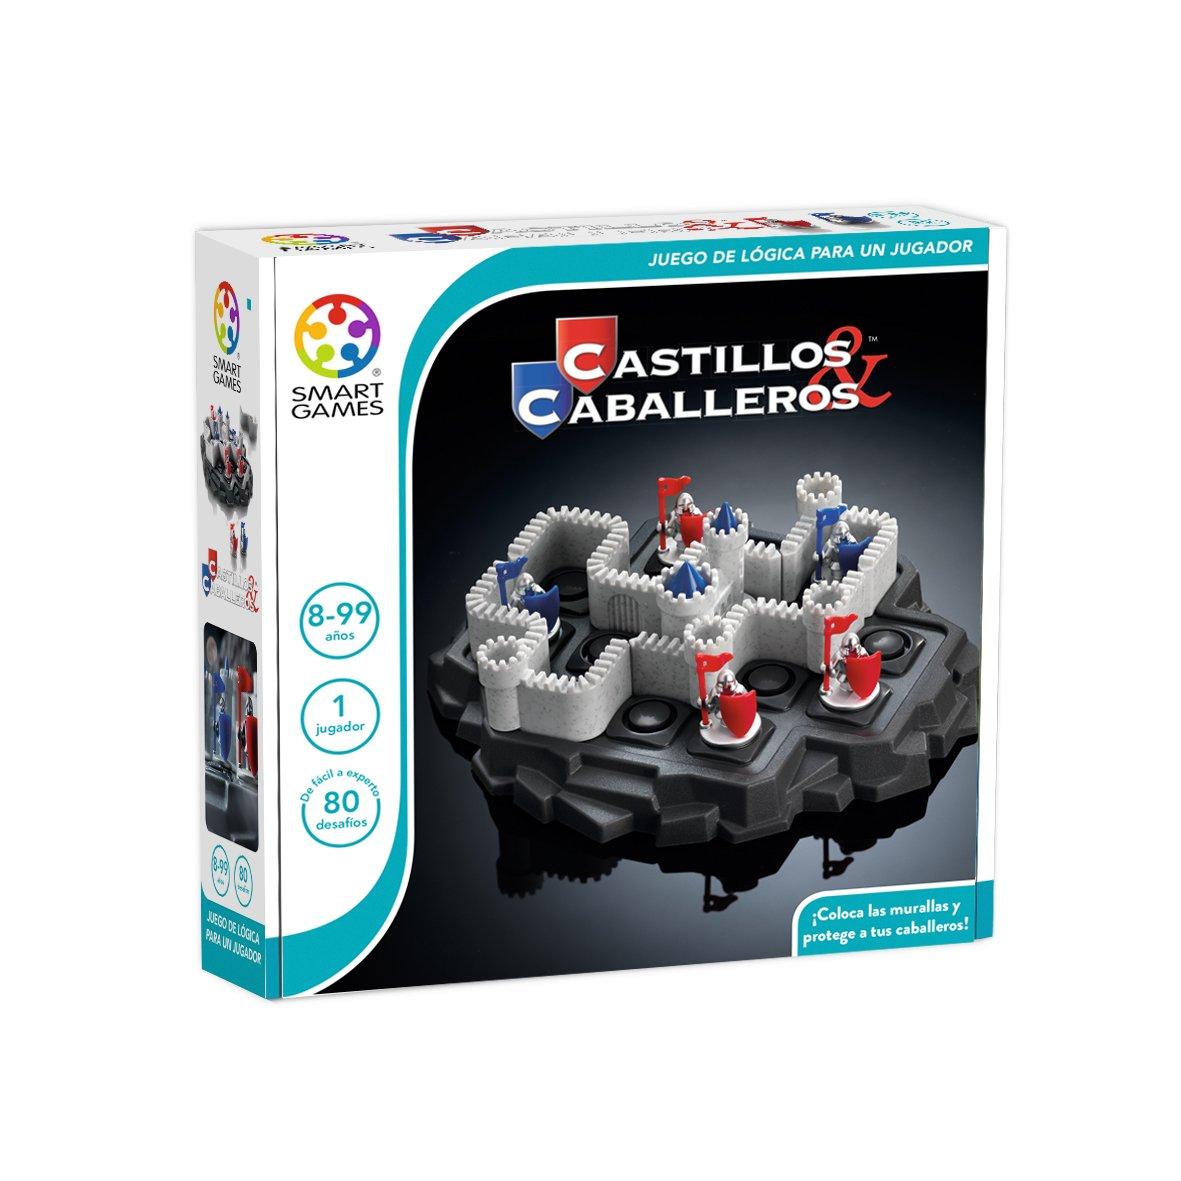 Smart Games - Castillos y Caballeros